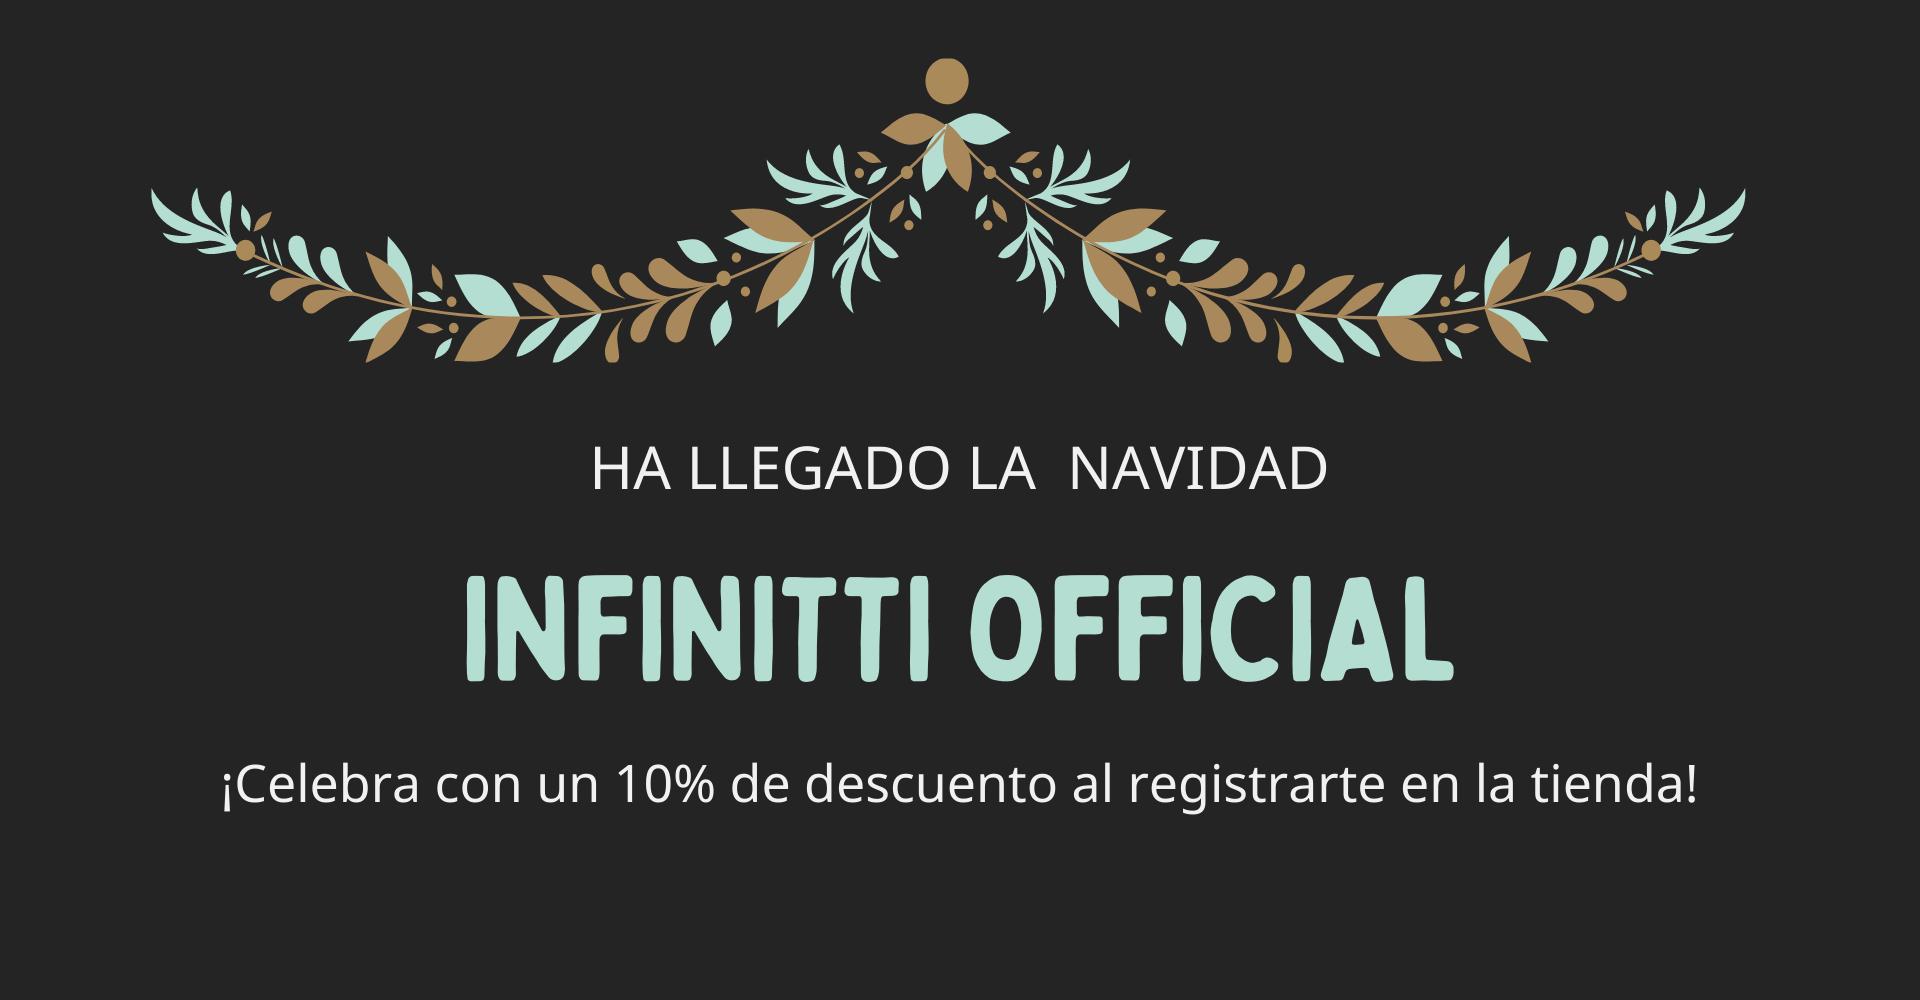 ¡Ha llegado la navidad Infinitti Official